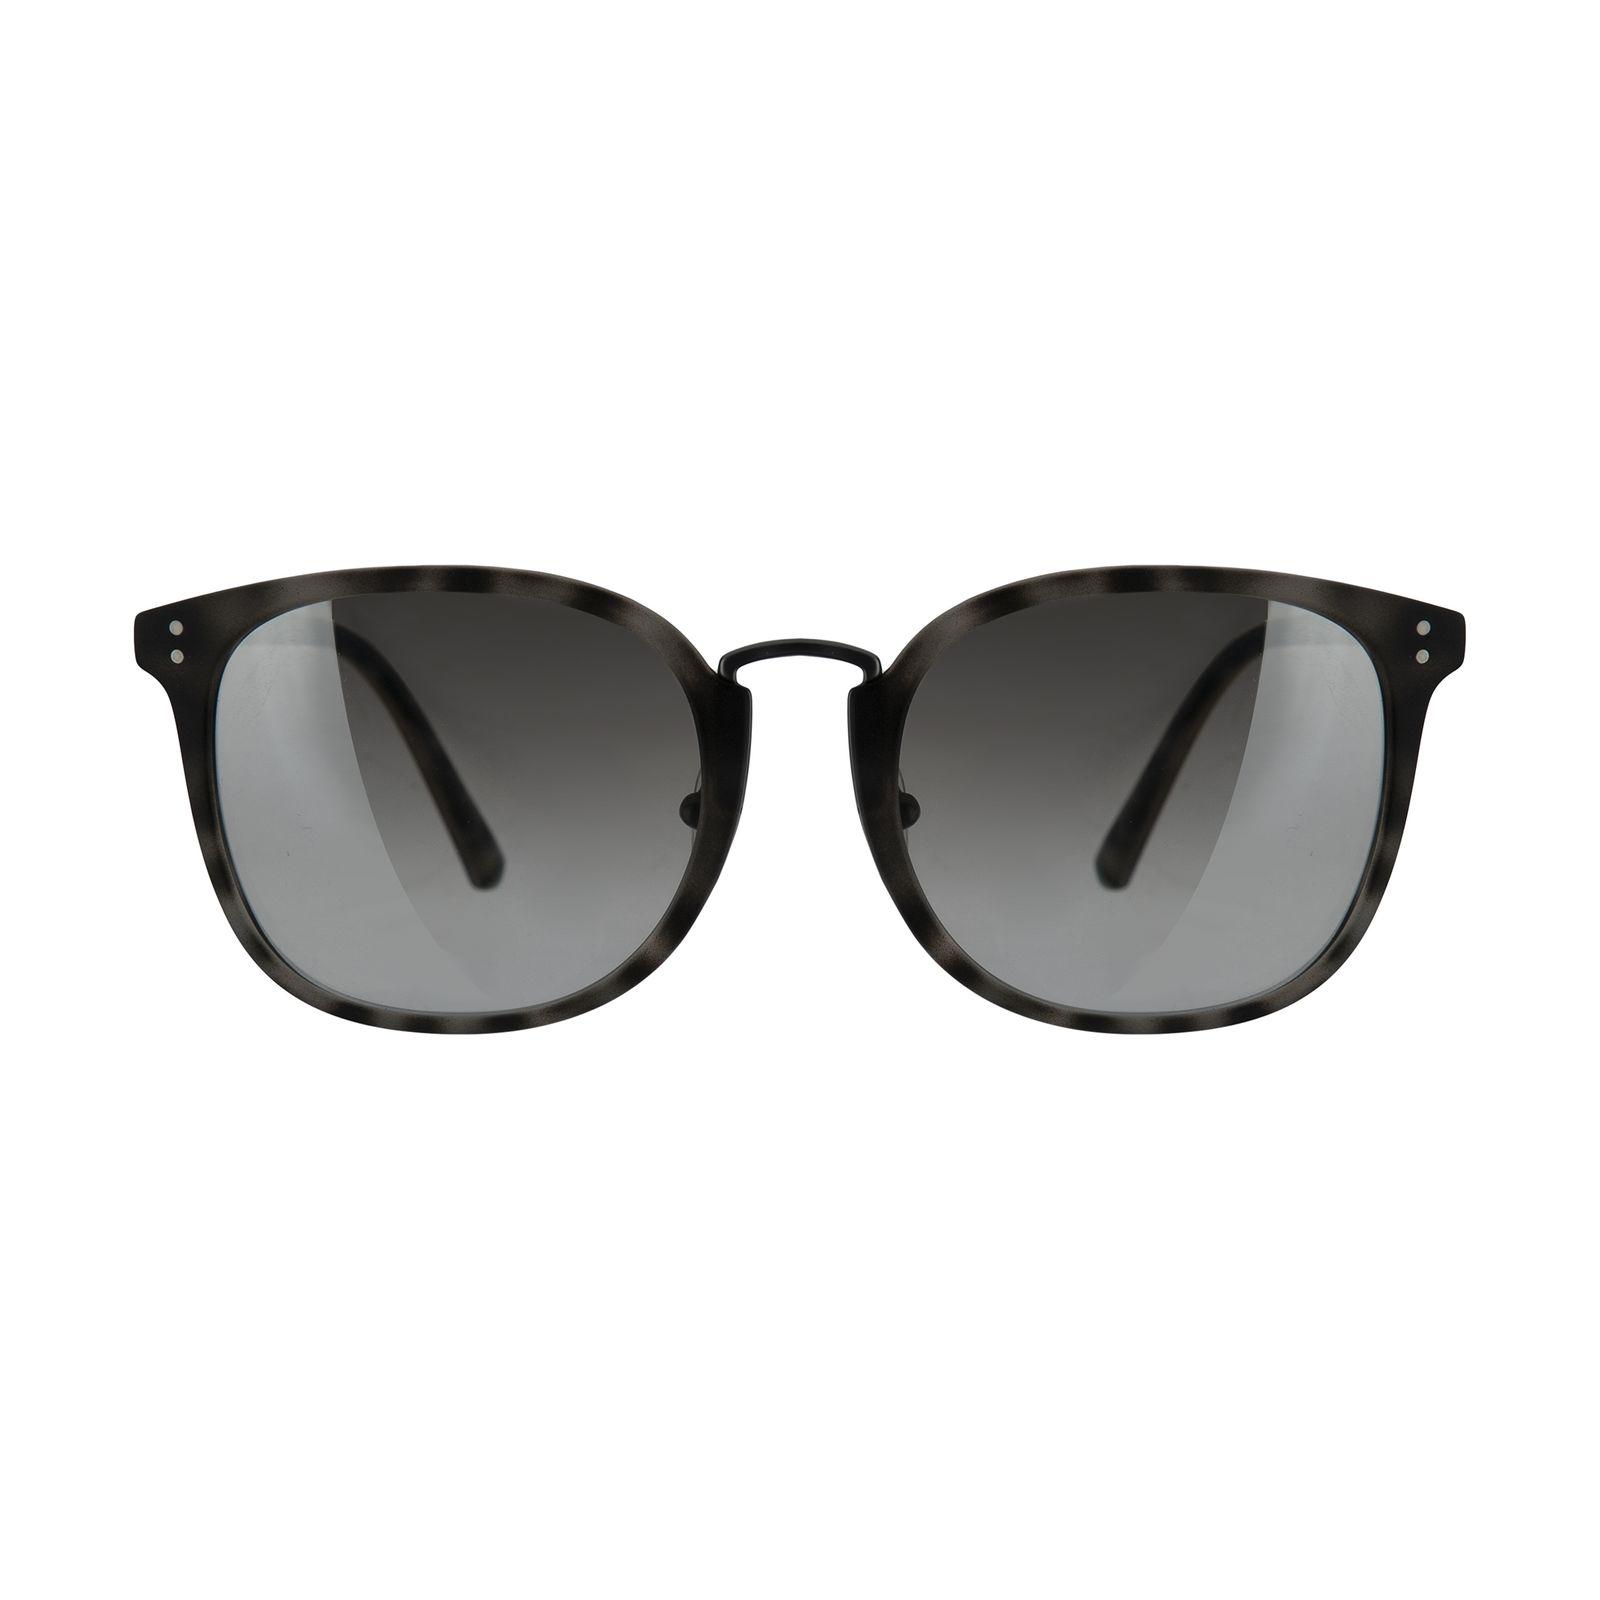 عینک آفتابی زنانه بربری مدل BE 4266S 3534Q0 53 -  - 2